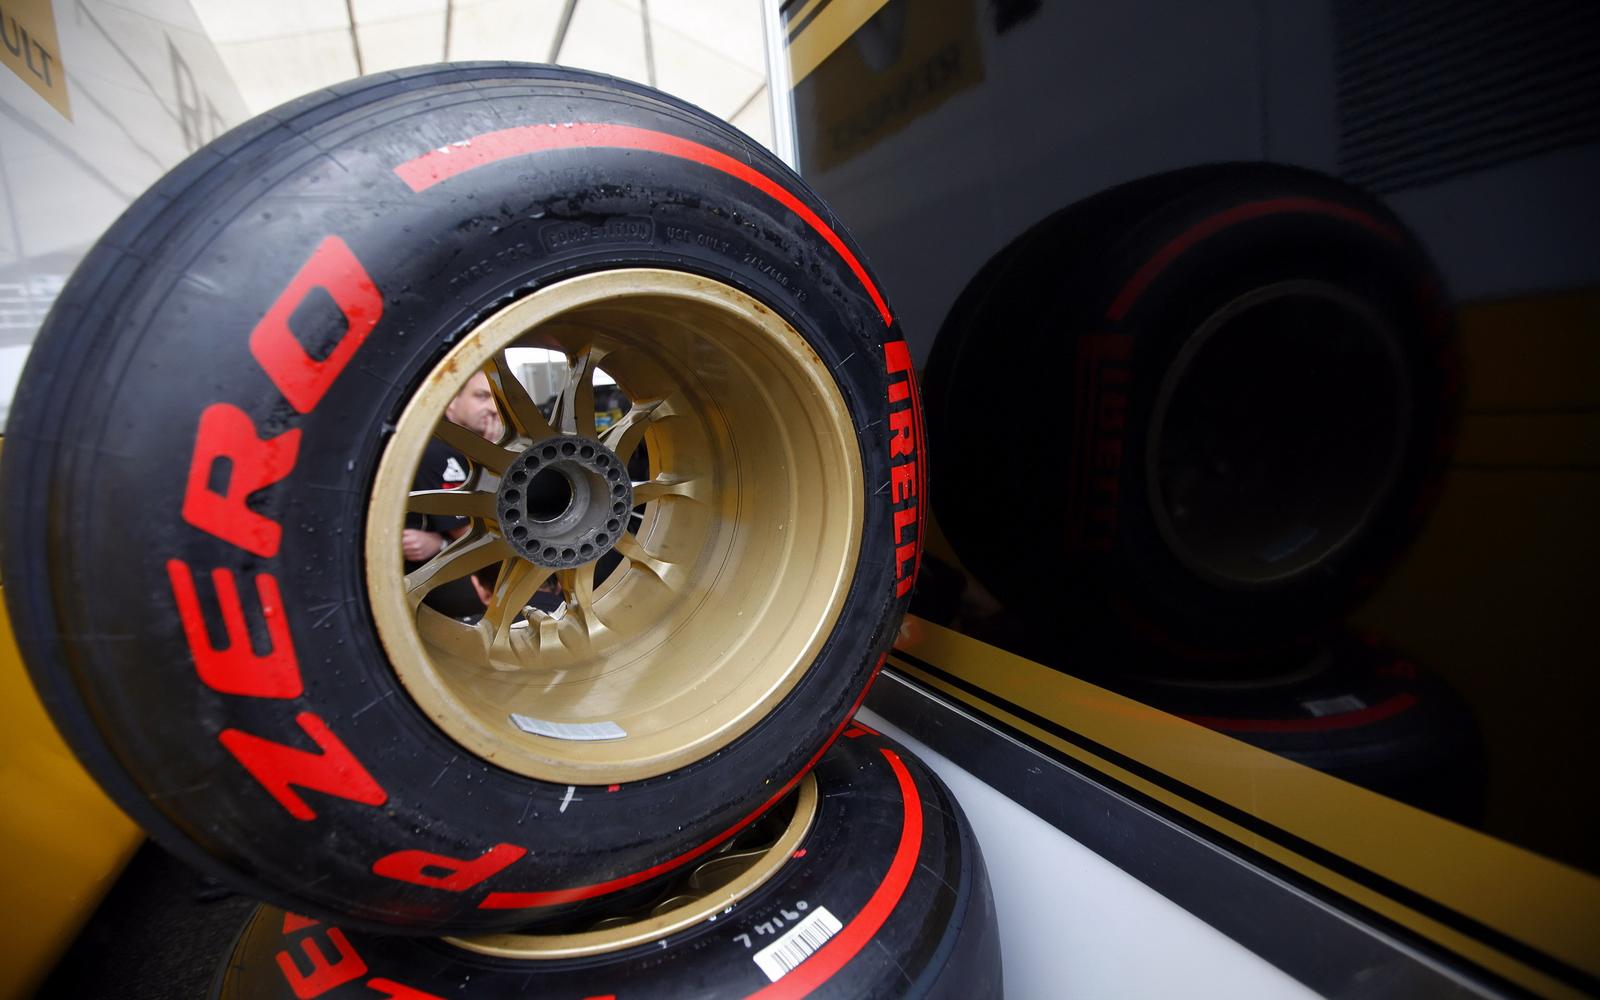 http://3.bp.blogspot.com/-5kz1tlInMF0/TjQ3MQGbOZI/AAAAAAAAD2U/amzjBkNNEms/s1600/Pirelli%2Btyres.jpg